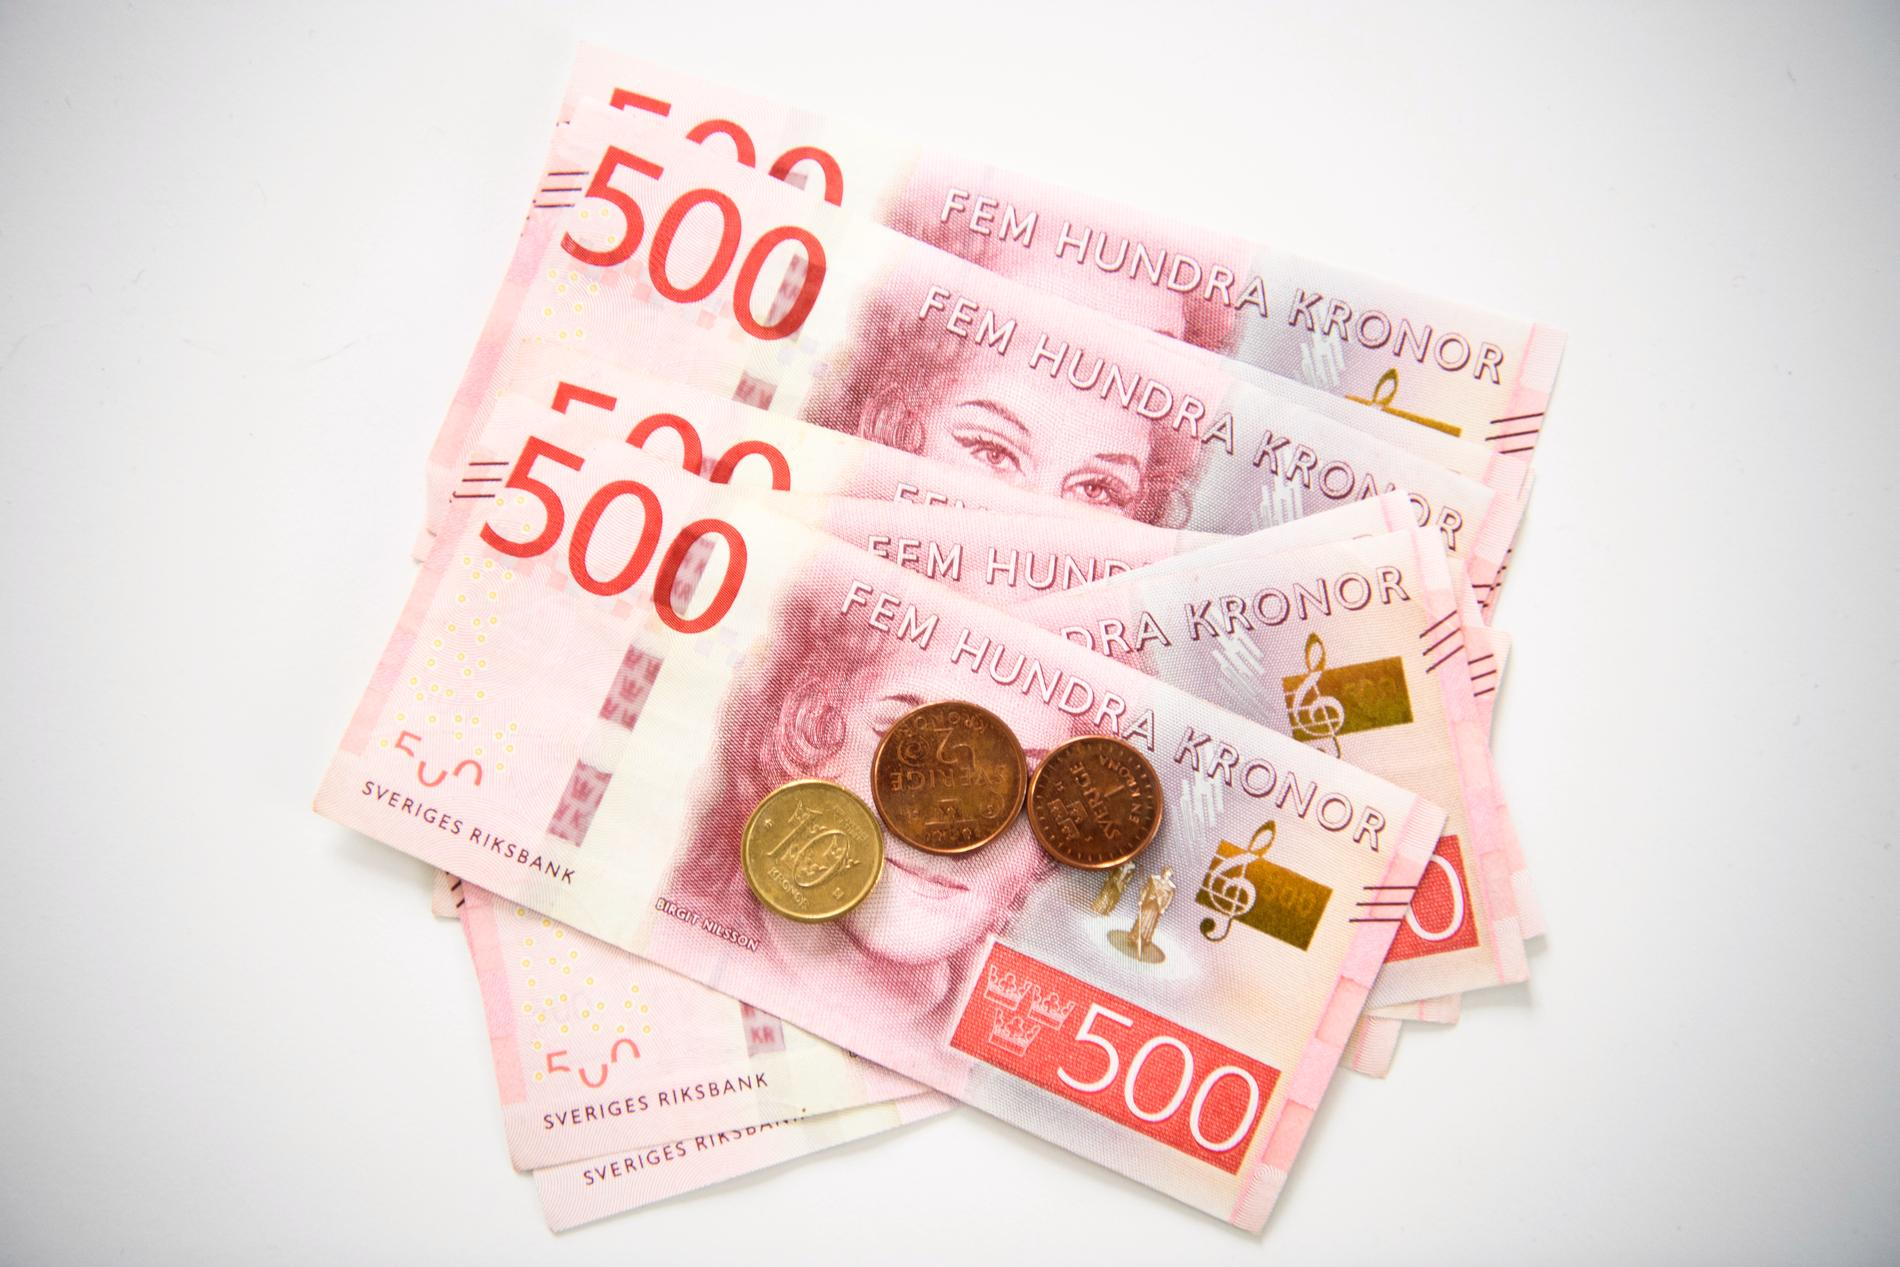 Från och med den 13 februari börjar en kostnadsränta ticka på kvarskatt över 30000 kronor. Arkivbild.